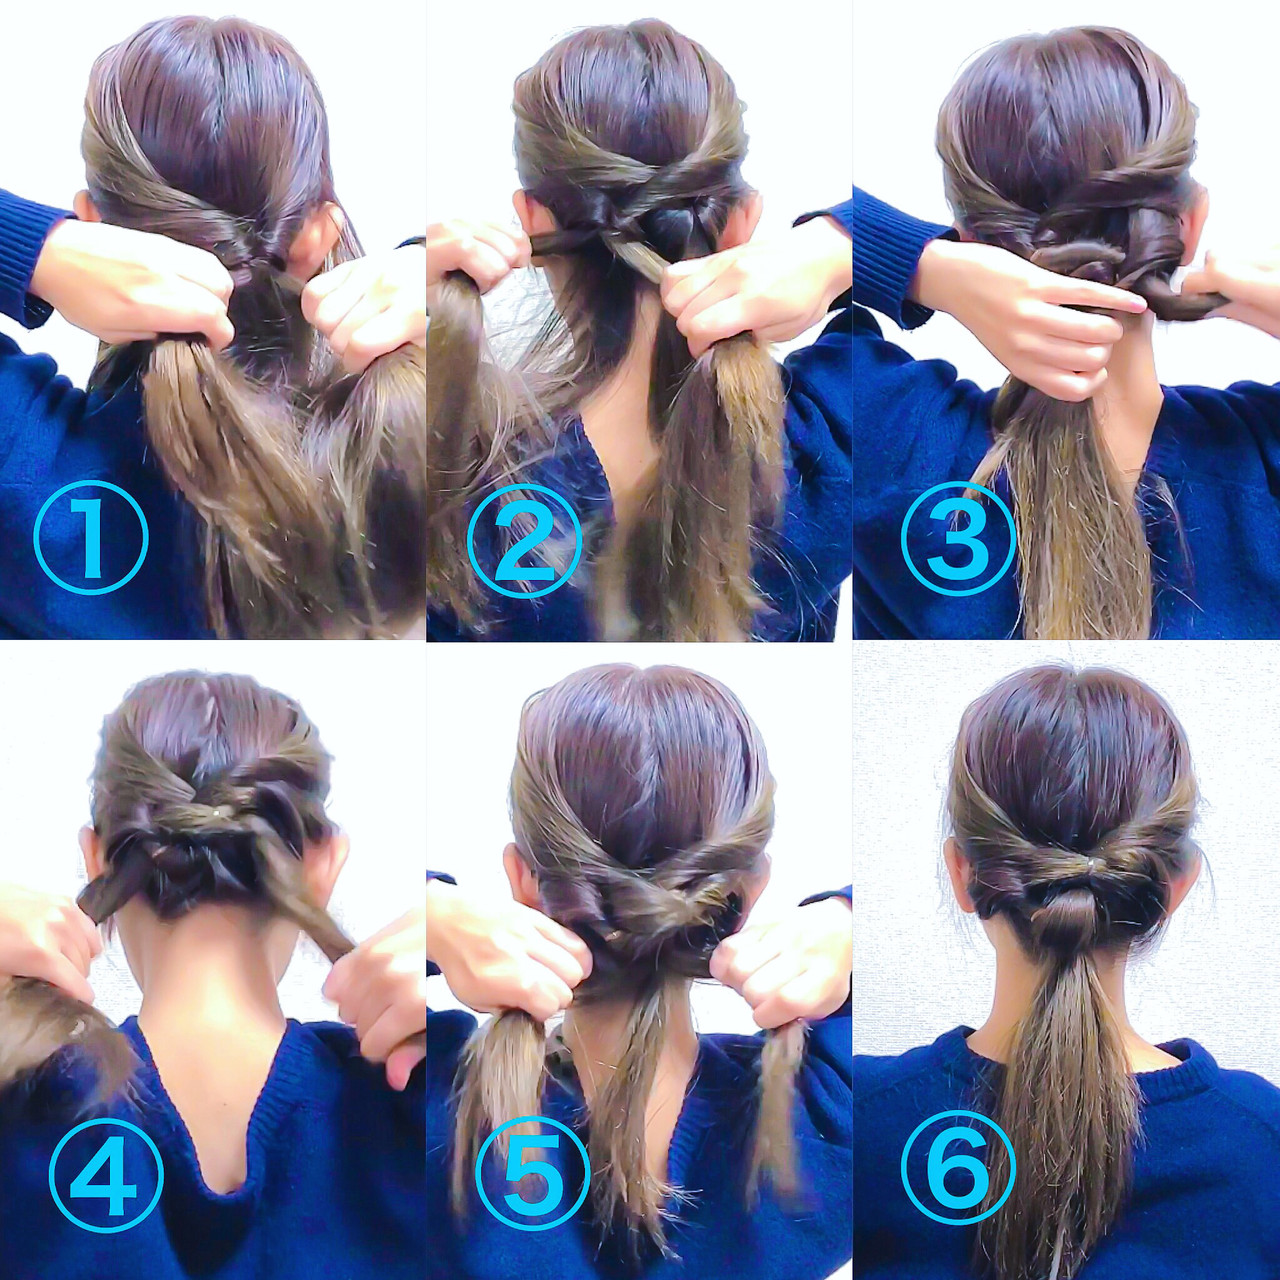 くるりんぱ ヘアアレンジ 上品 ロング ヘアスタイルや髪型の写真・画像 | 美容師HIRO/Amoute代表 / Amoute/アムティ